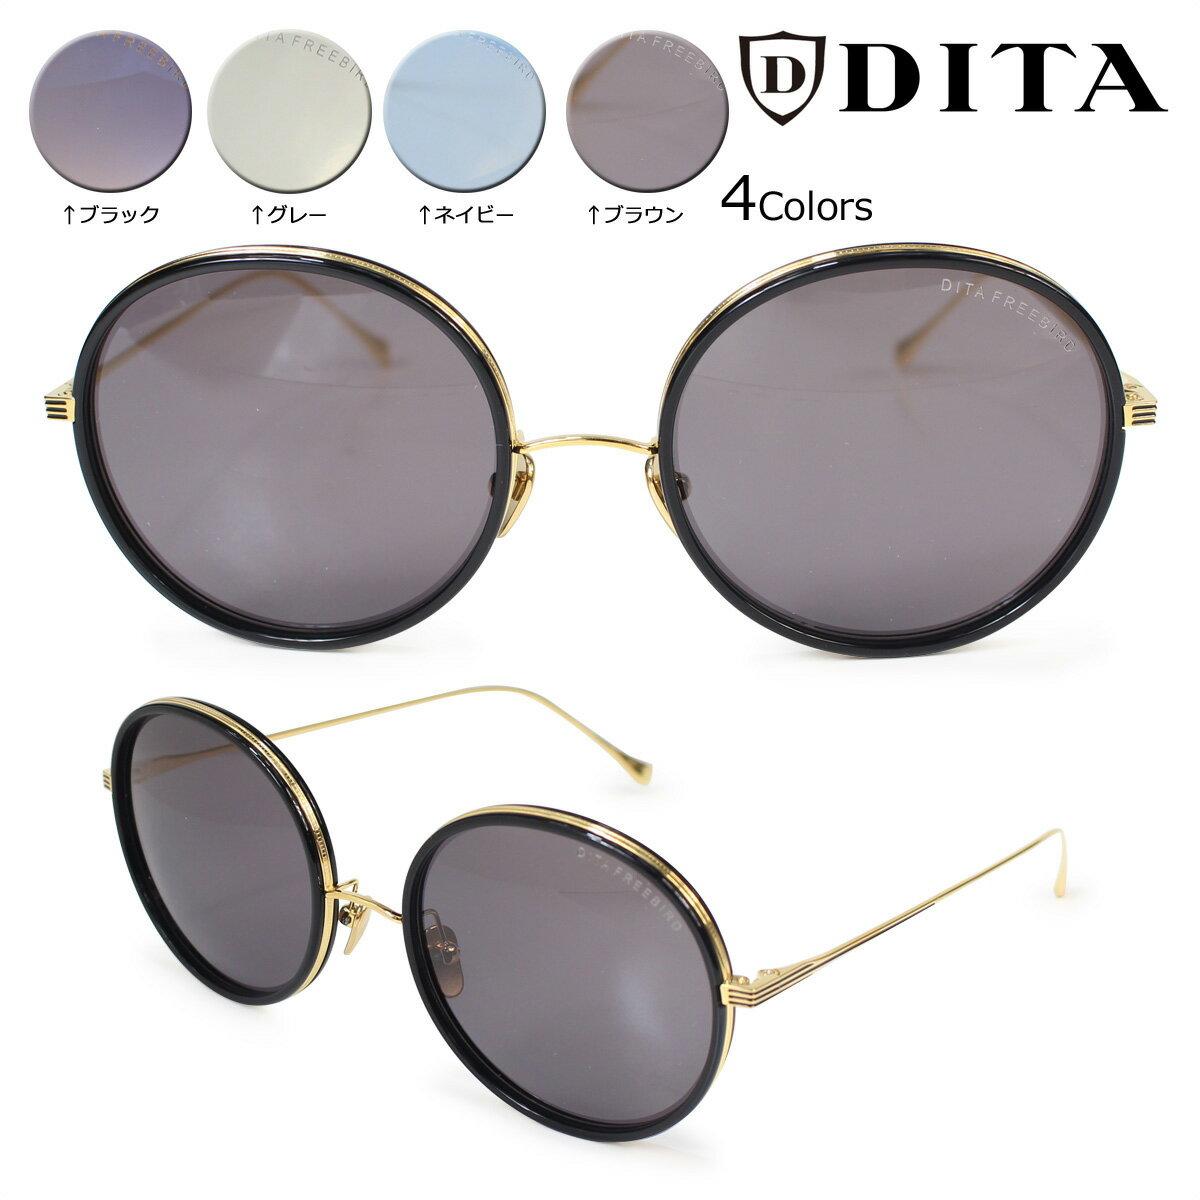 DITA ディータ サングラス メガネ レディース UVカット アイウェア FREEBIRD 21012 ブラック グレー ネイビー ブラウン